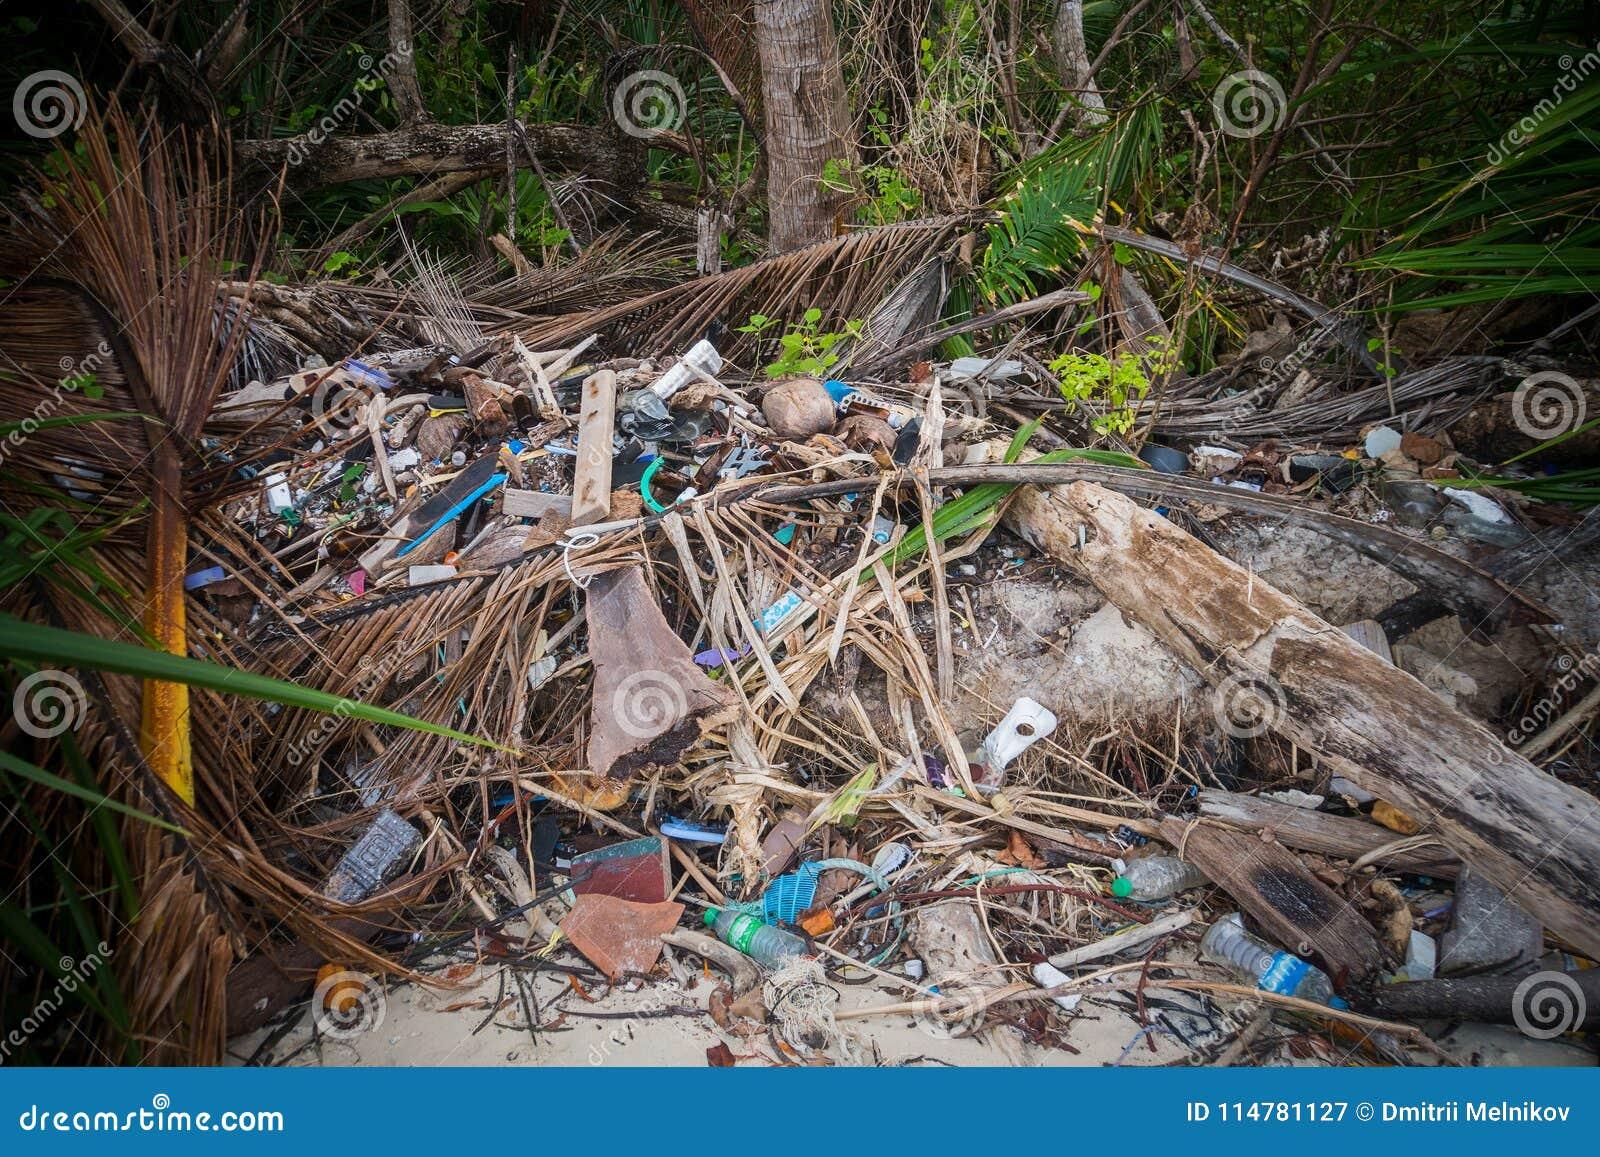 Garbage pile deposit Branches wood,